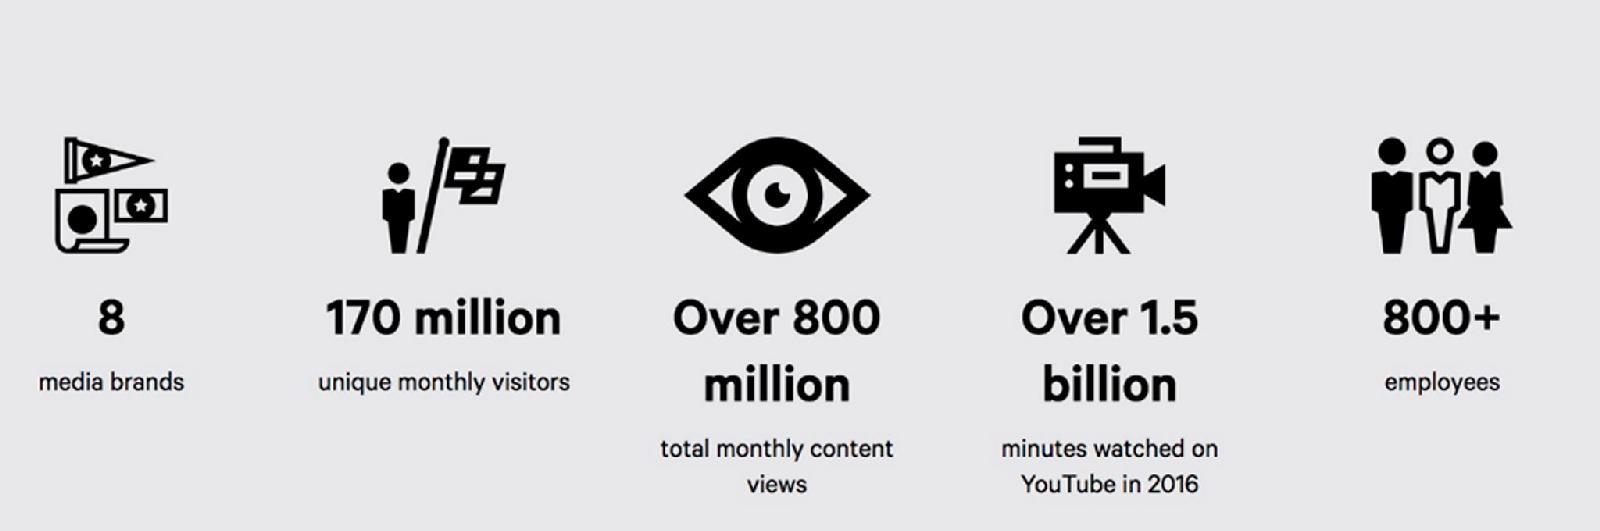 статистика по видео за 2016 год